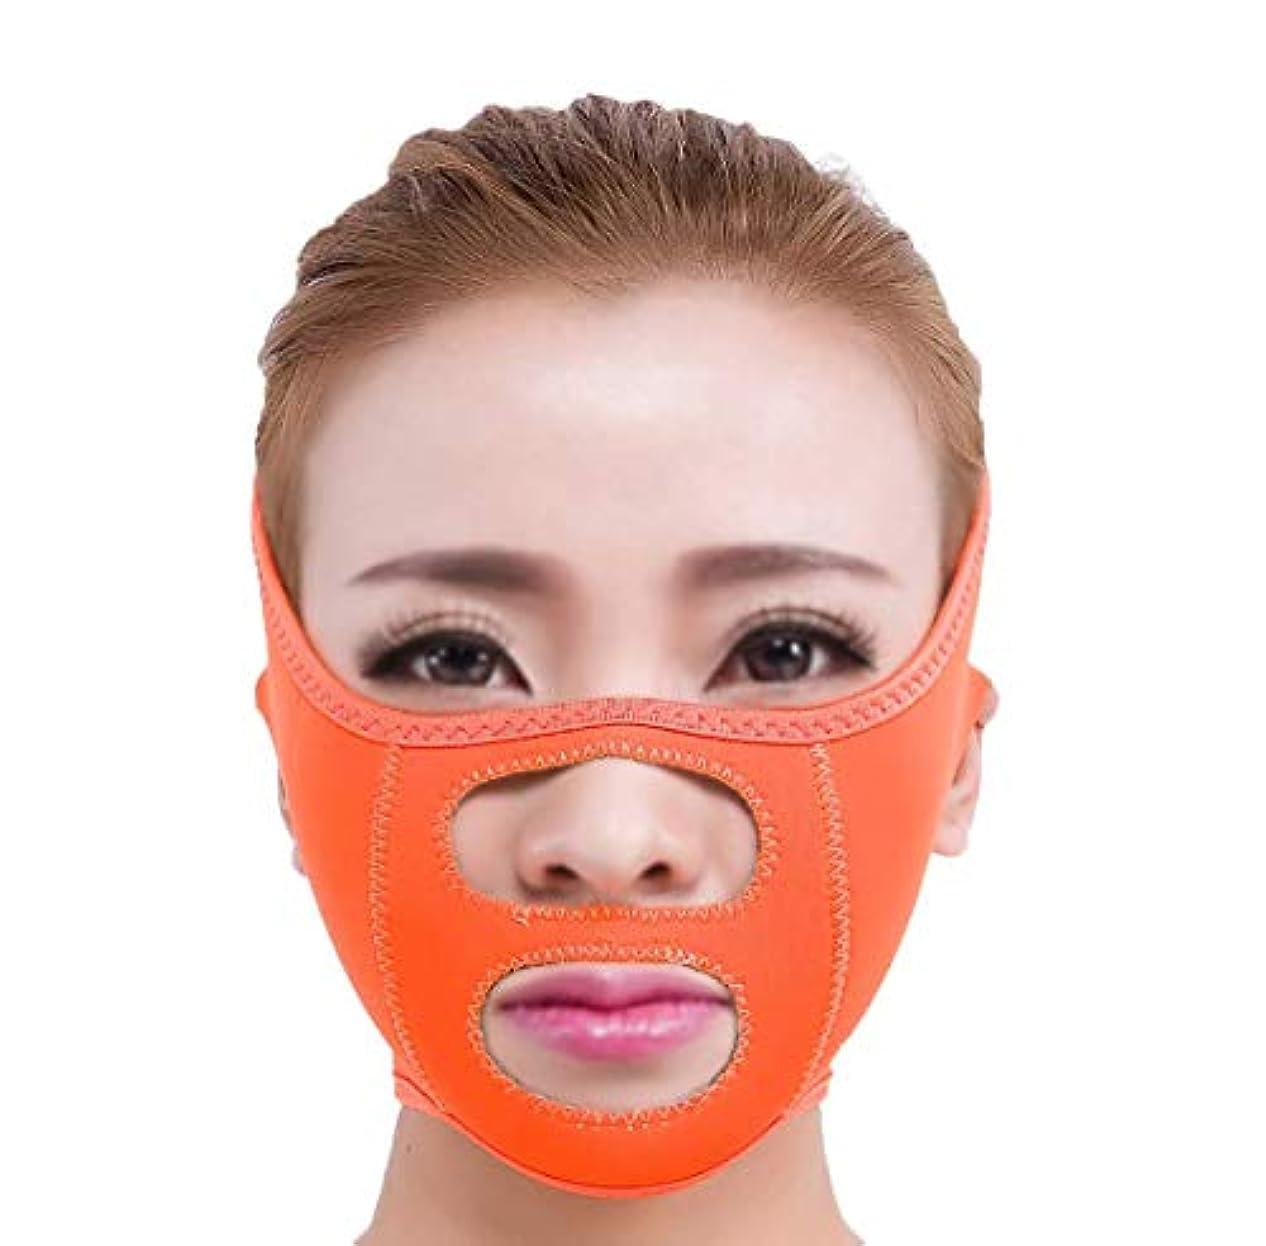 当社ネックレットスモールフェイスツールVフェイス包帯フェイシャルリフティングフェイシャルマッサージャー美容通気性マスクVフェイスマスク睡眠薄い顔でオレンジ